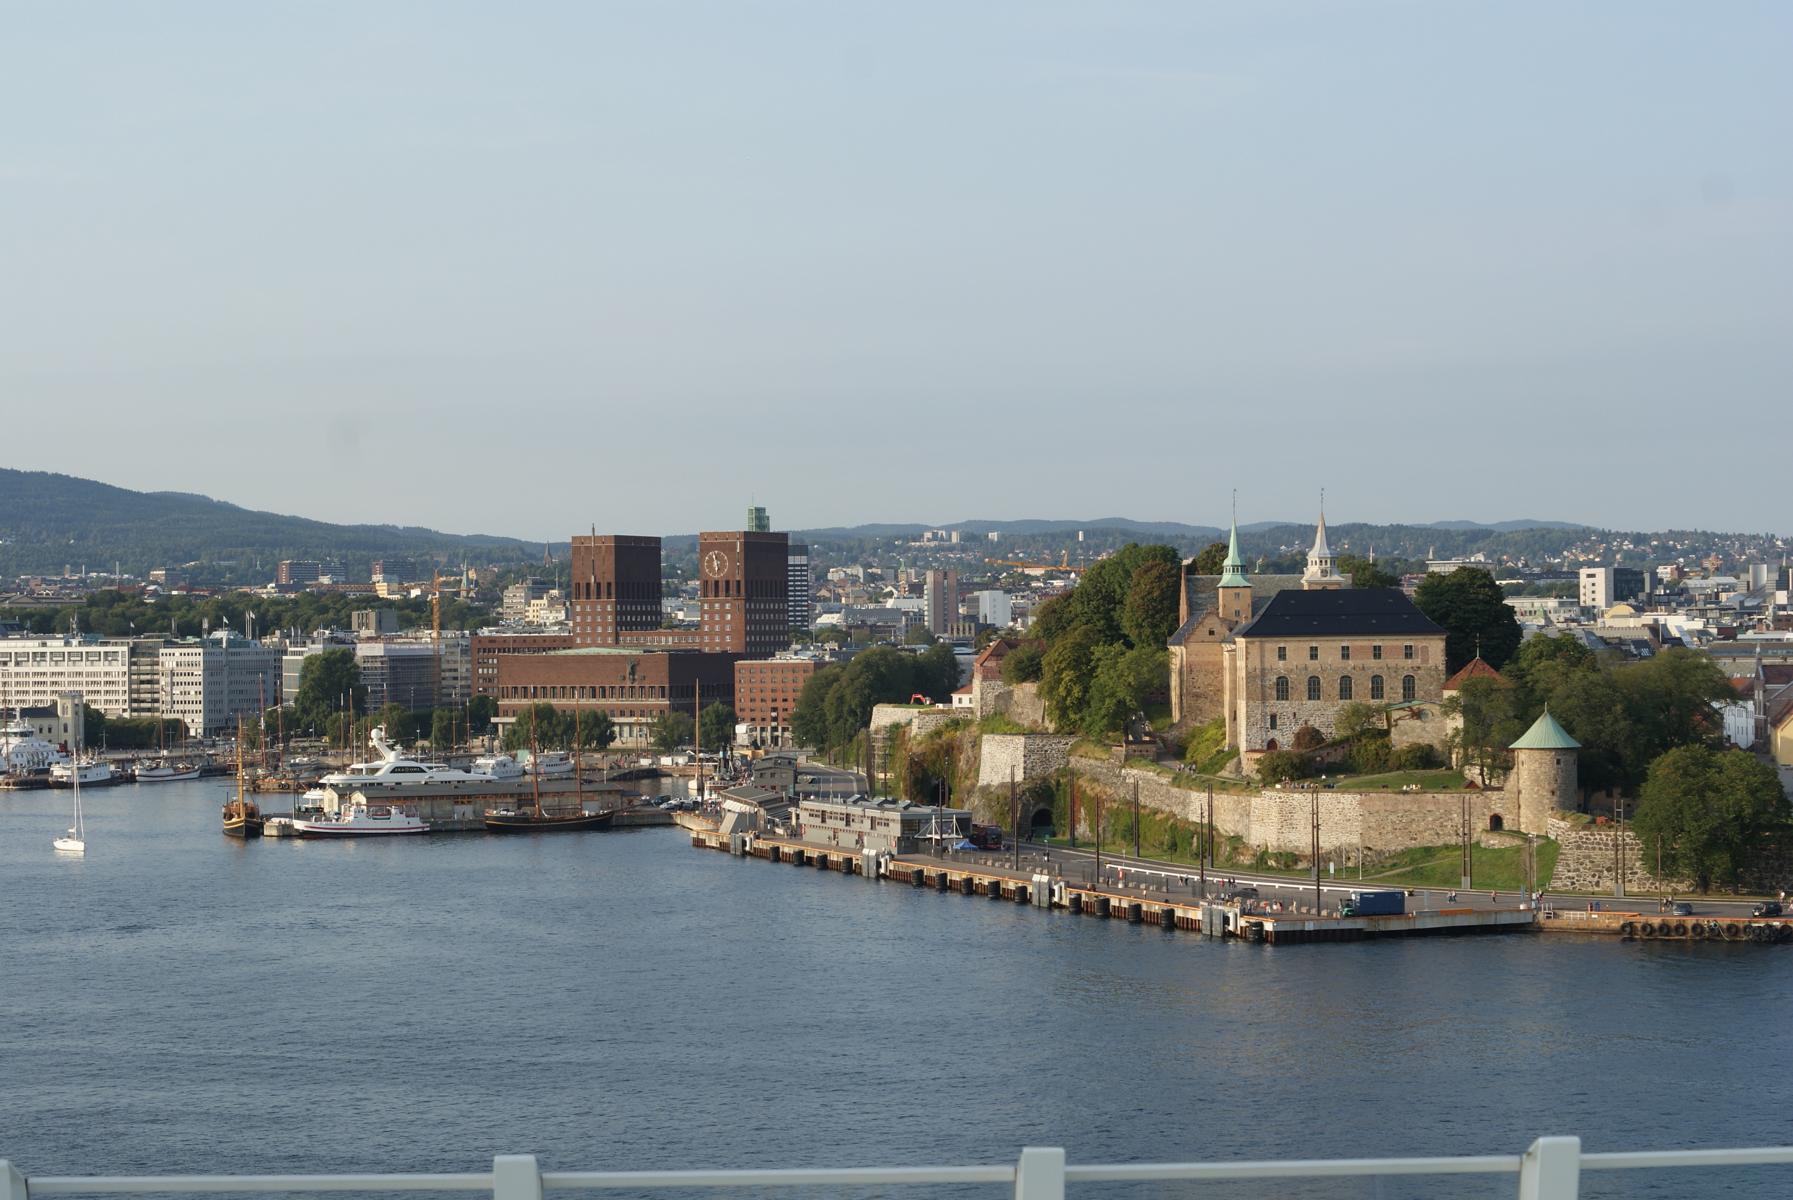 Oslo Hafen mit Rathaus und Festung Akershus